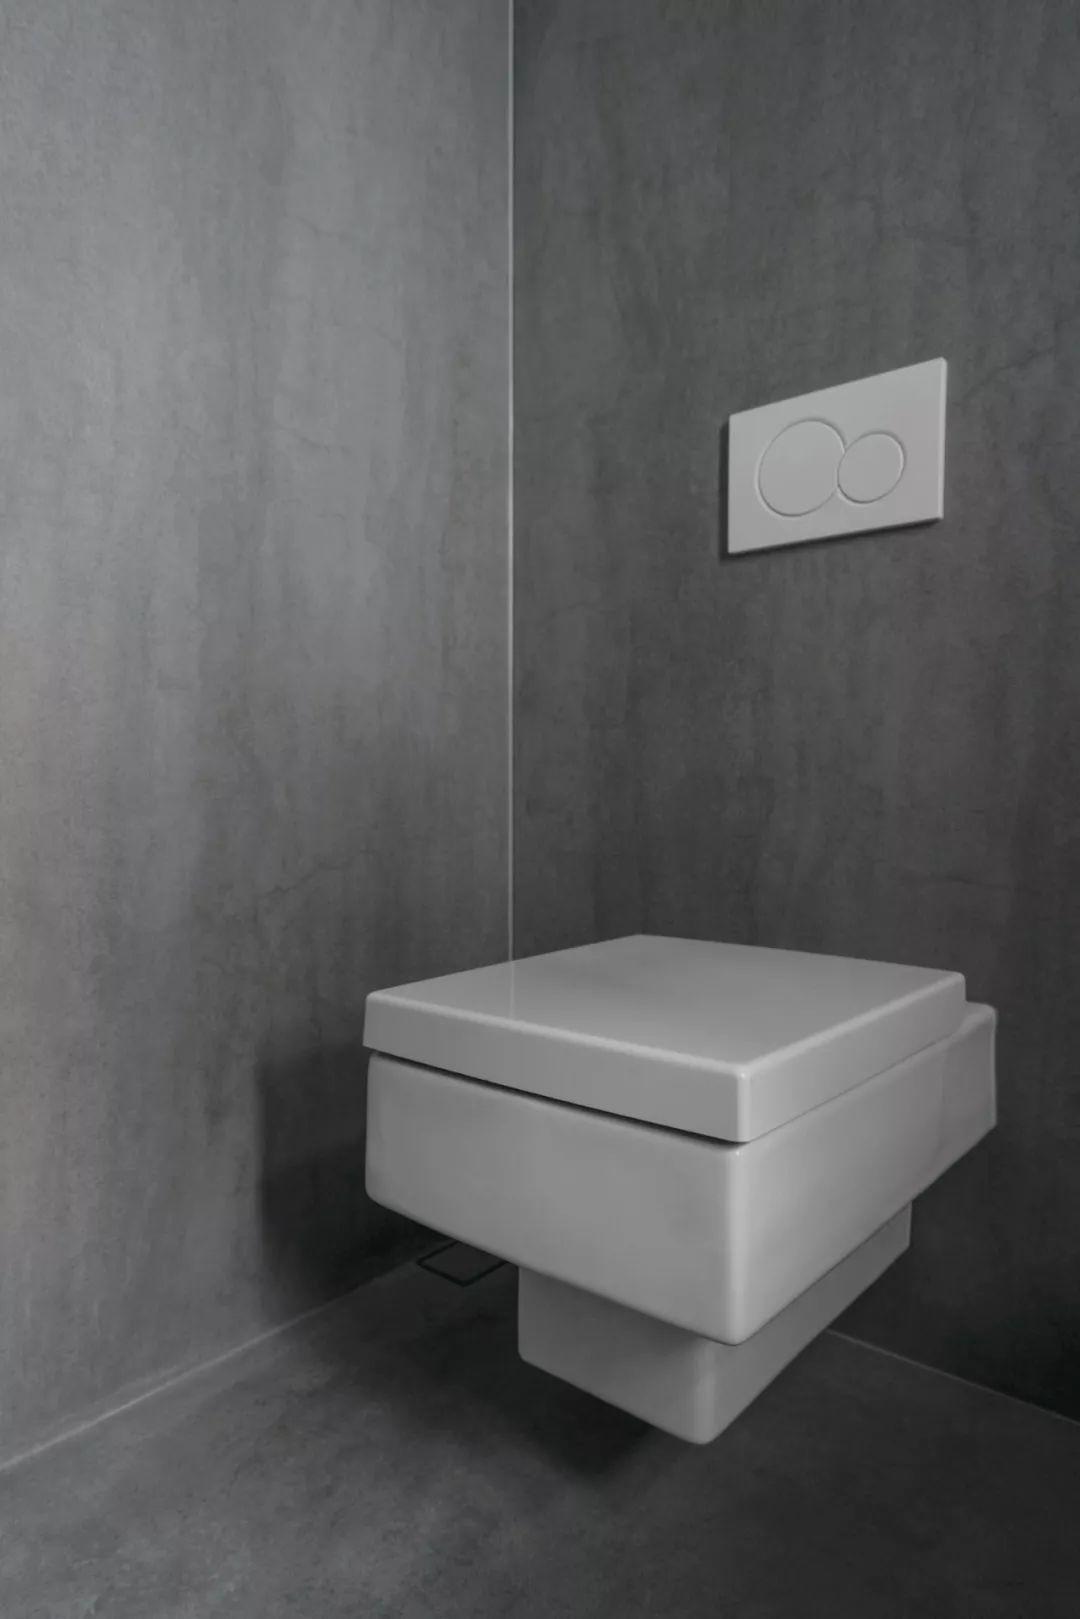 panDOMO打造无束缚理性静好空间 | 素胚静舍 by PUJU&WUY